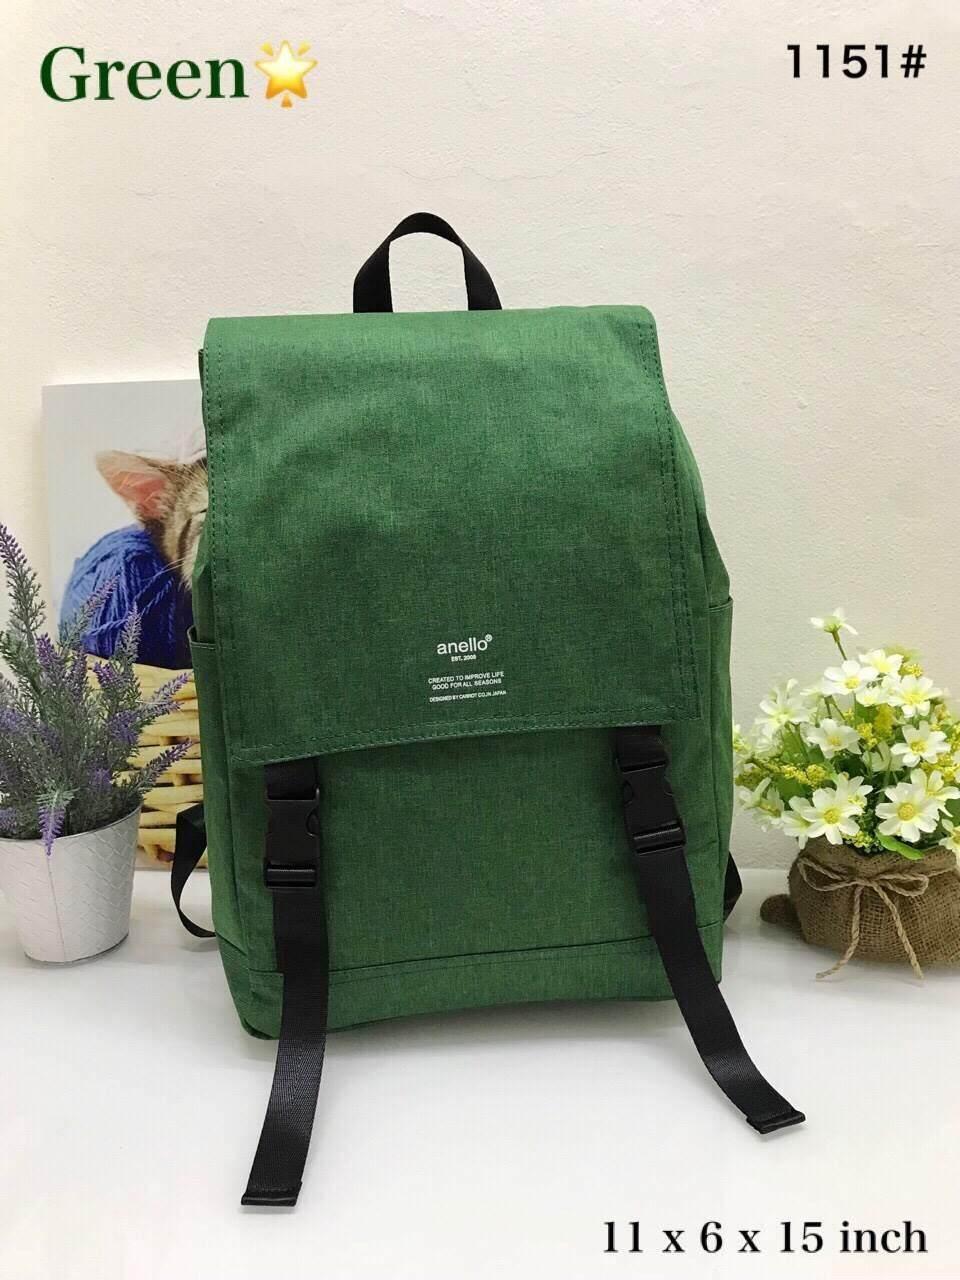 สอนใช้งาน  สุพรรณบุรี Anello Flap Backpack  (Journaling Bag) กระเป๋าเป้เนื้อผ้าแคนวาส กันน้ำ  ของแท้ %